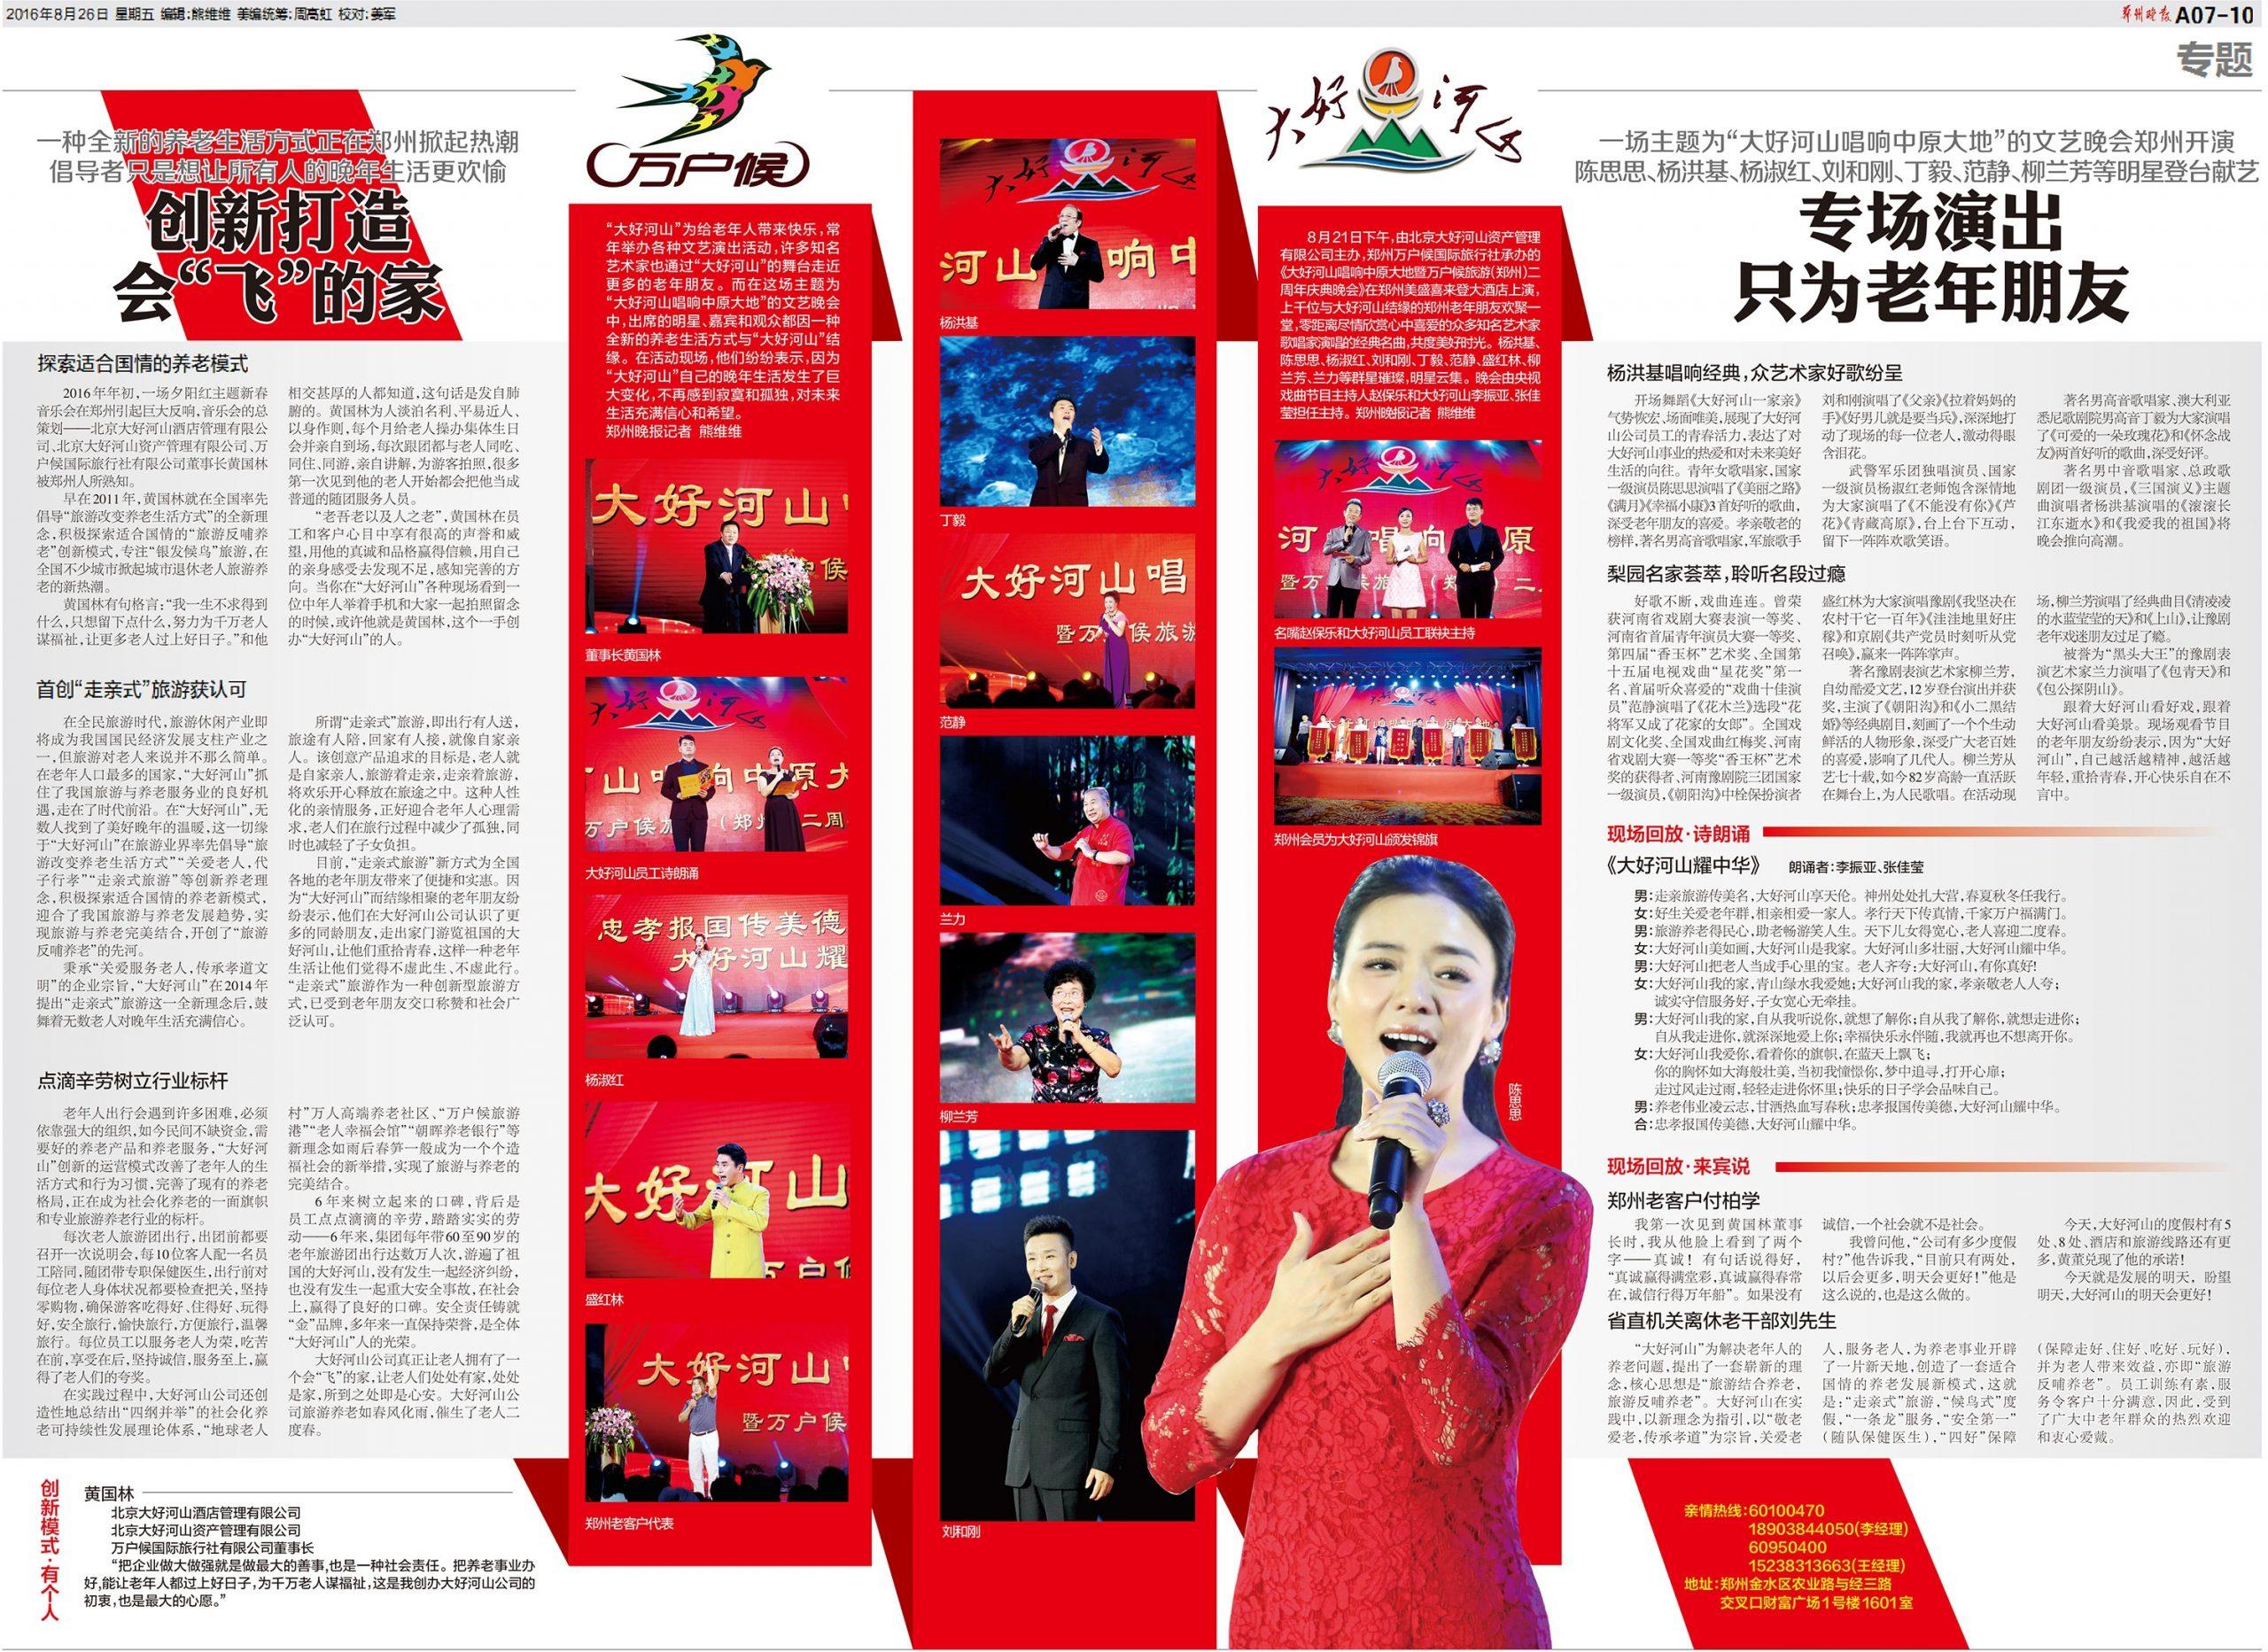 郑州晚报 2016-08-26 A07-10